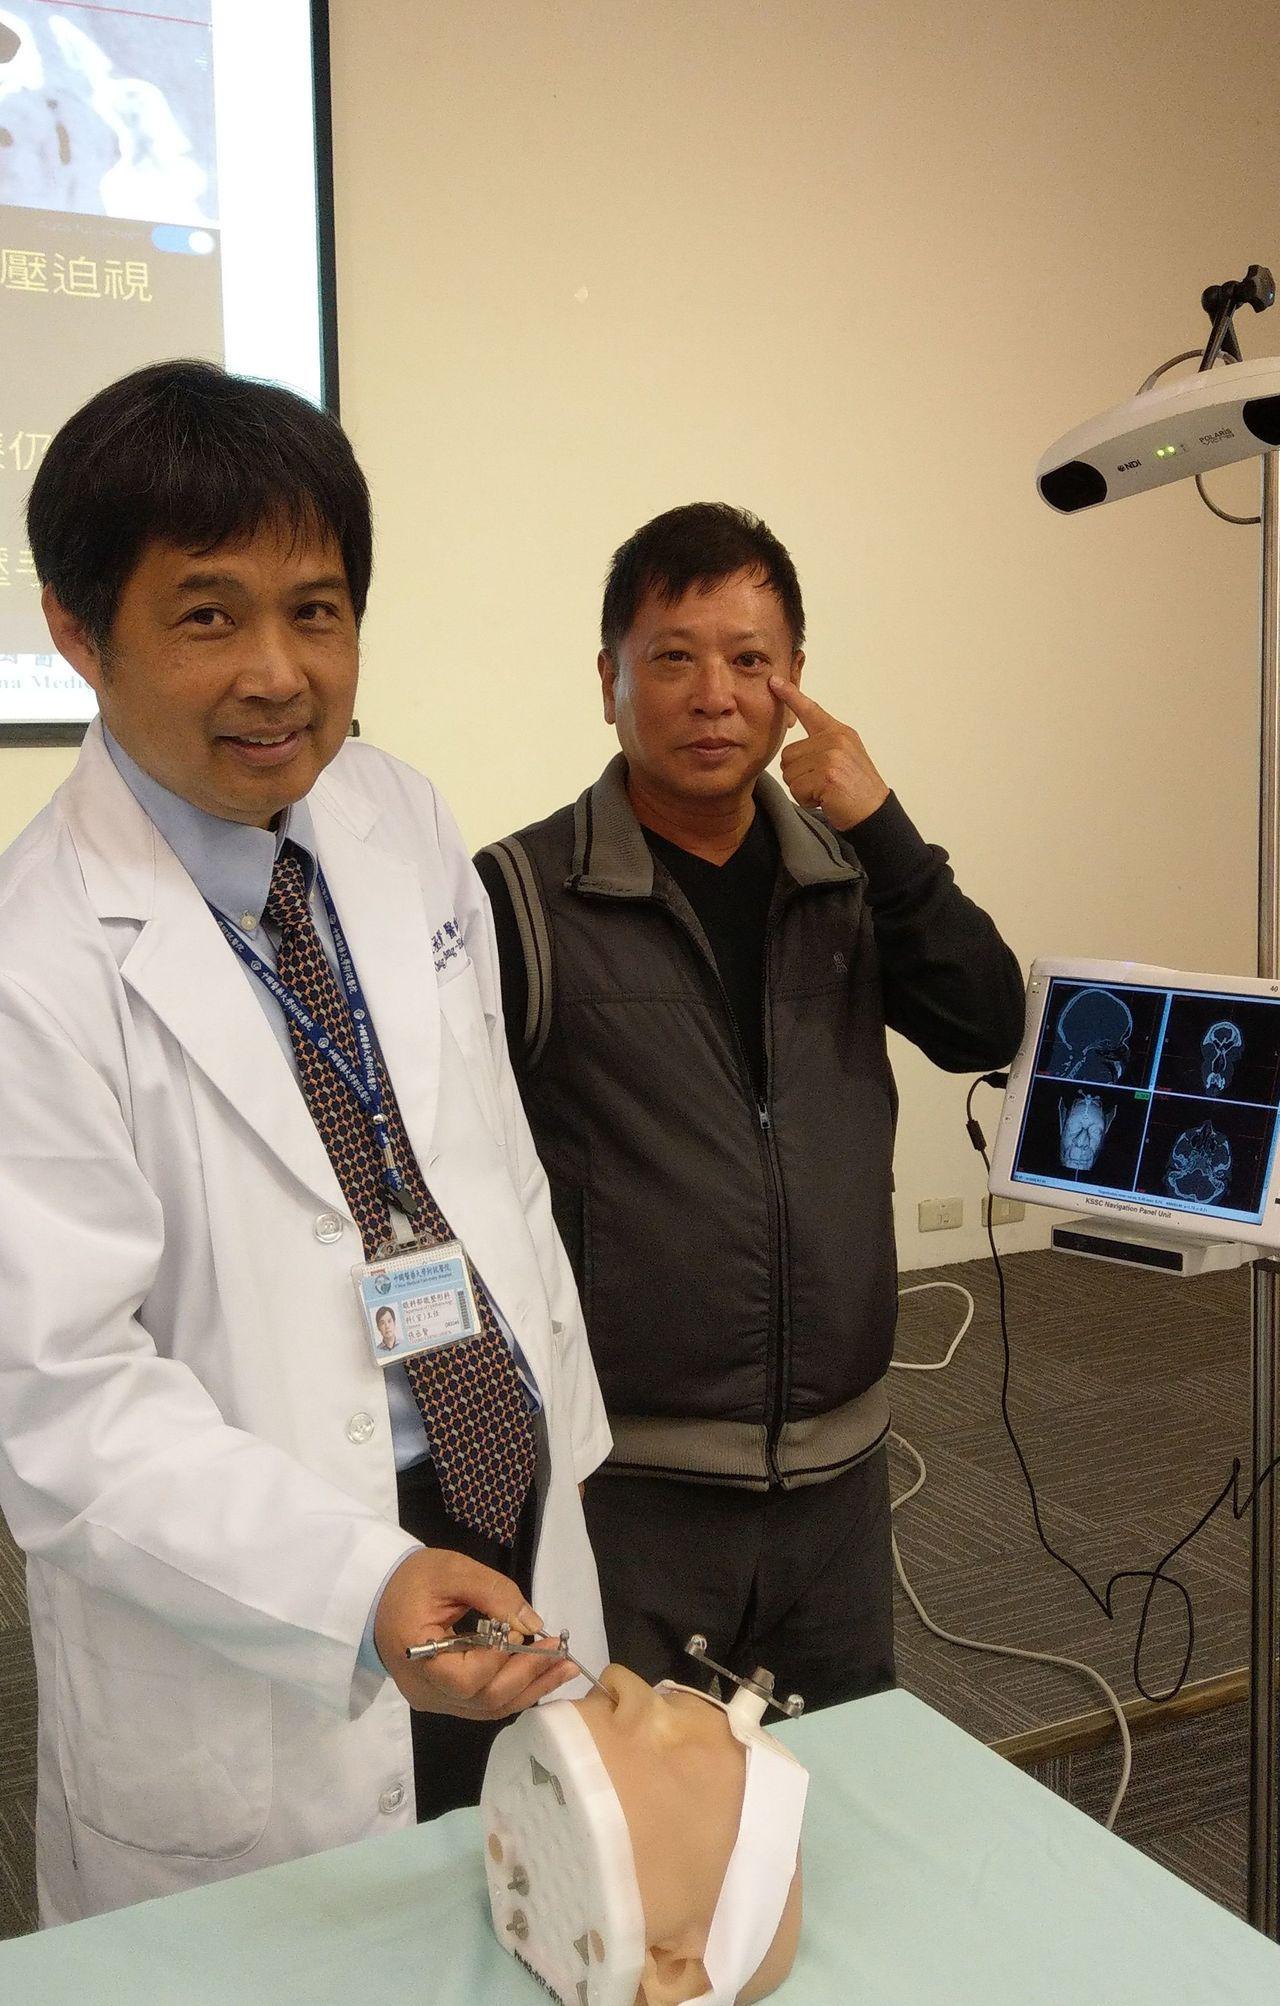 醫師張丞賢(左)說明,嚴姓男病患(右)接受內視鏡經鼻腔手術,深入左眼窩底部,並配...